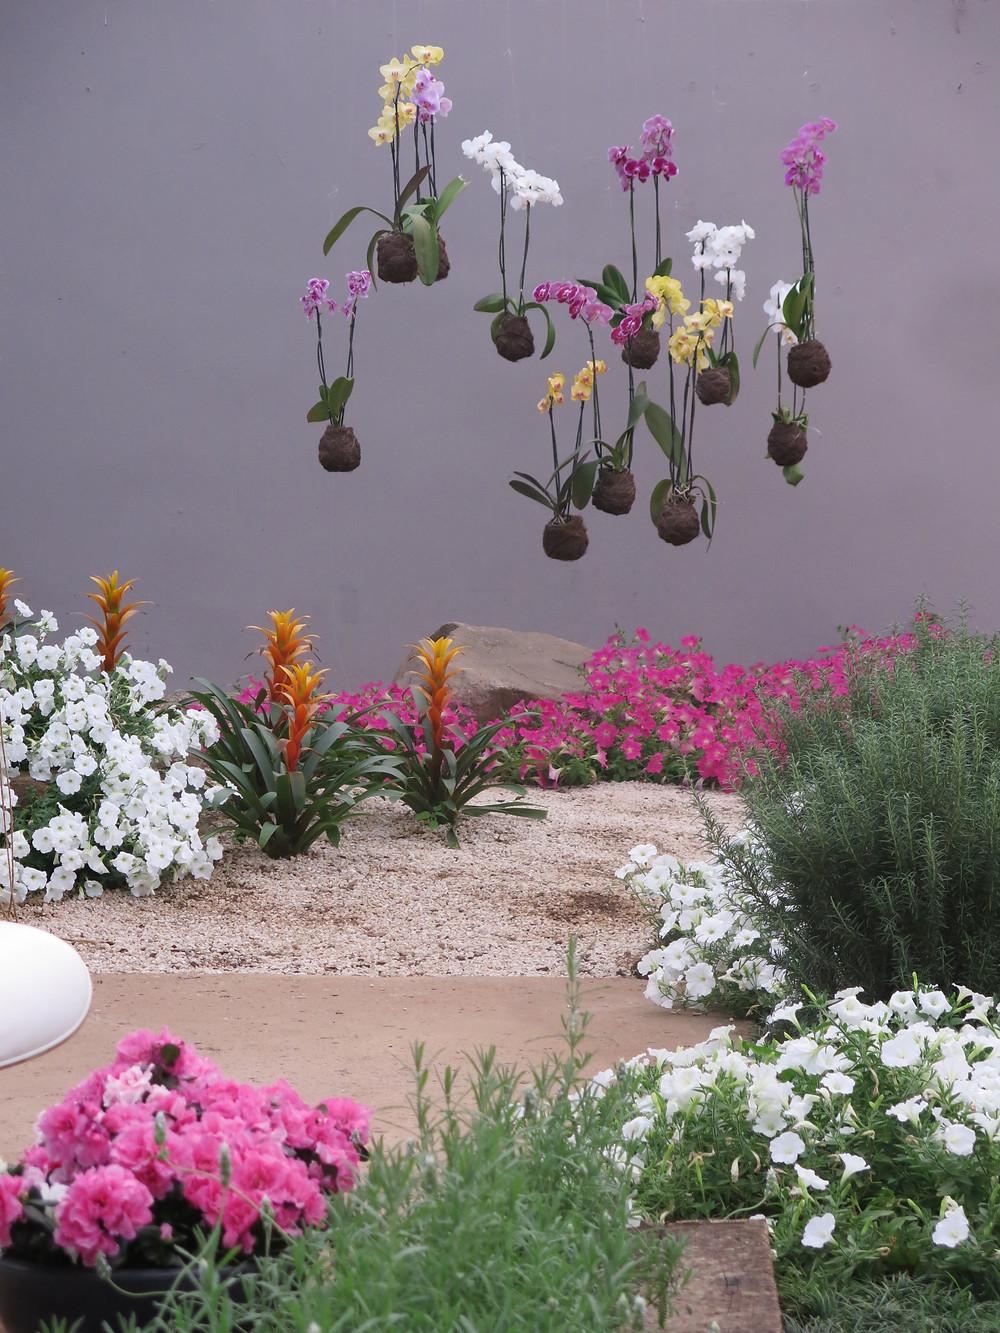 Kokedamas, Mostra de Paisagismo, Expoflora, projeto paisagístico Daniela Vieira, Estúdio Oh